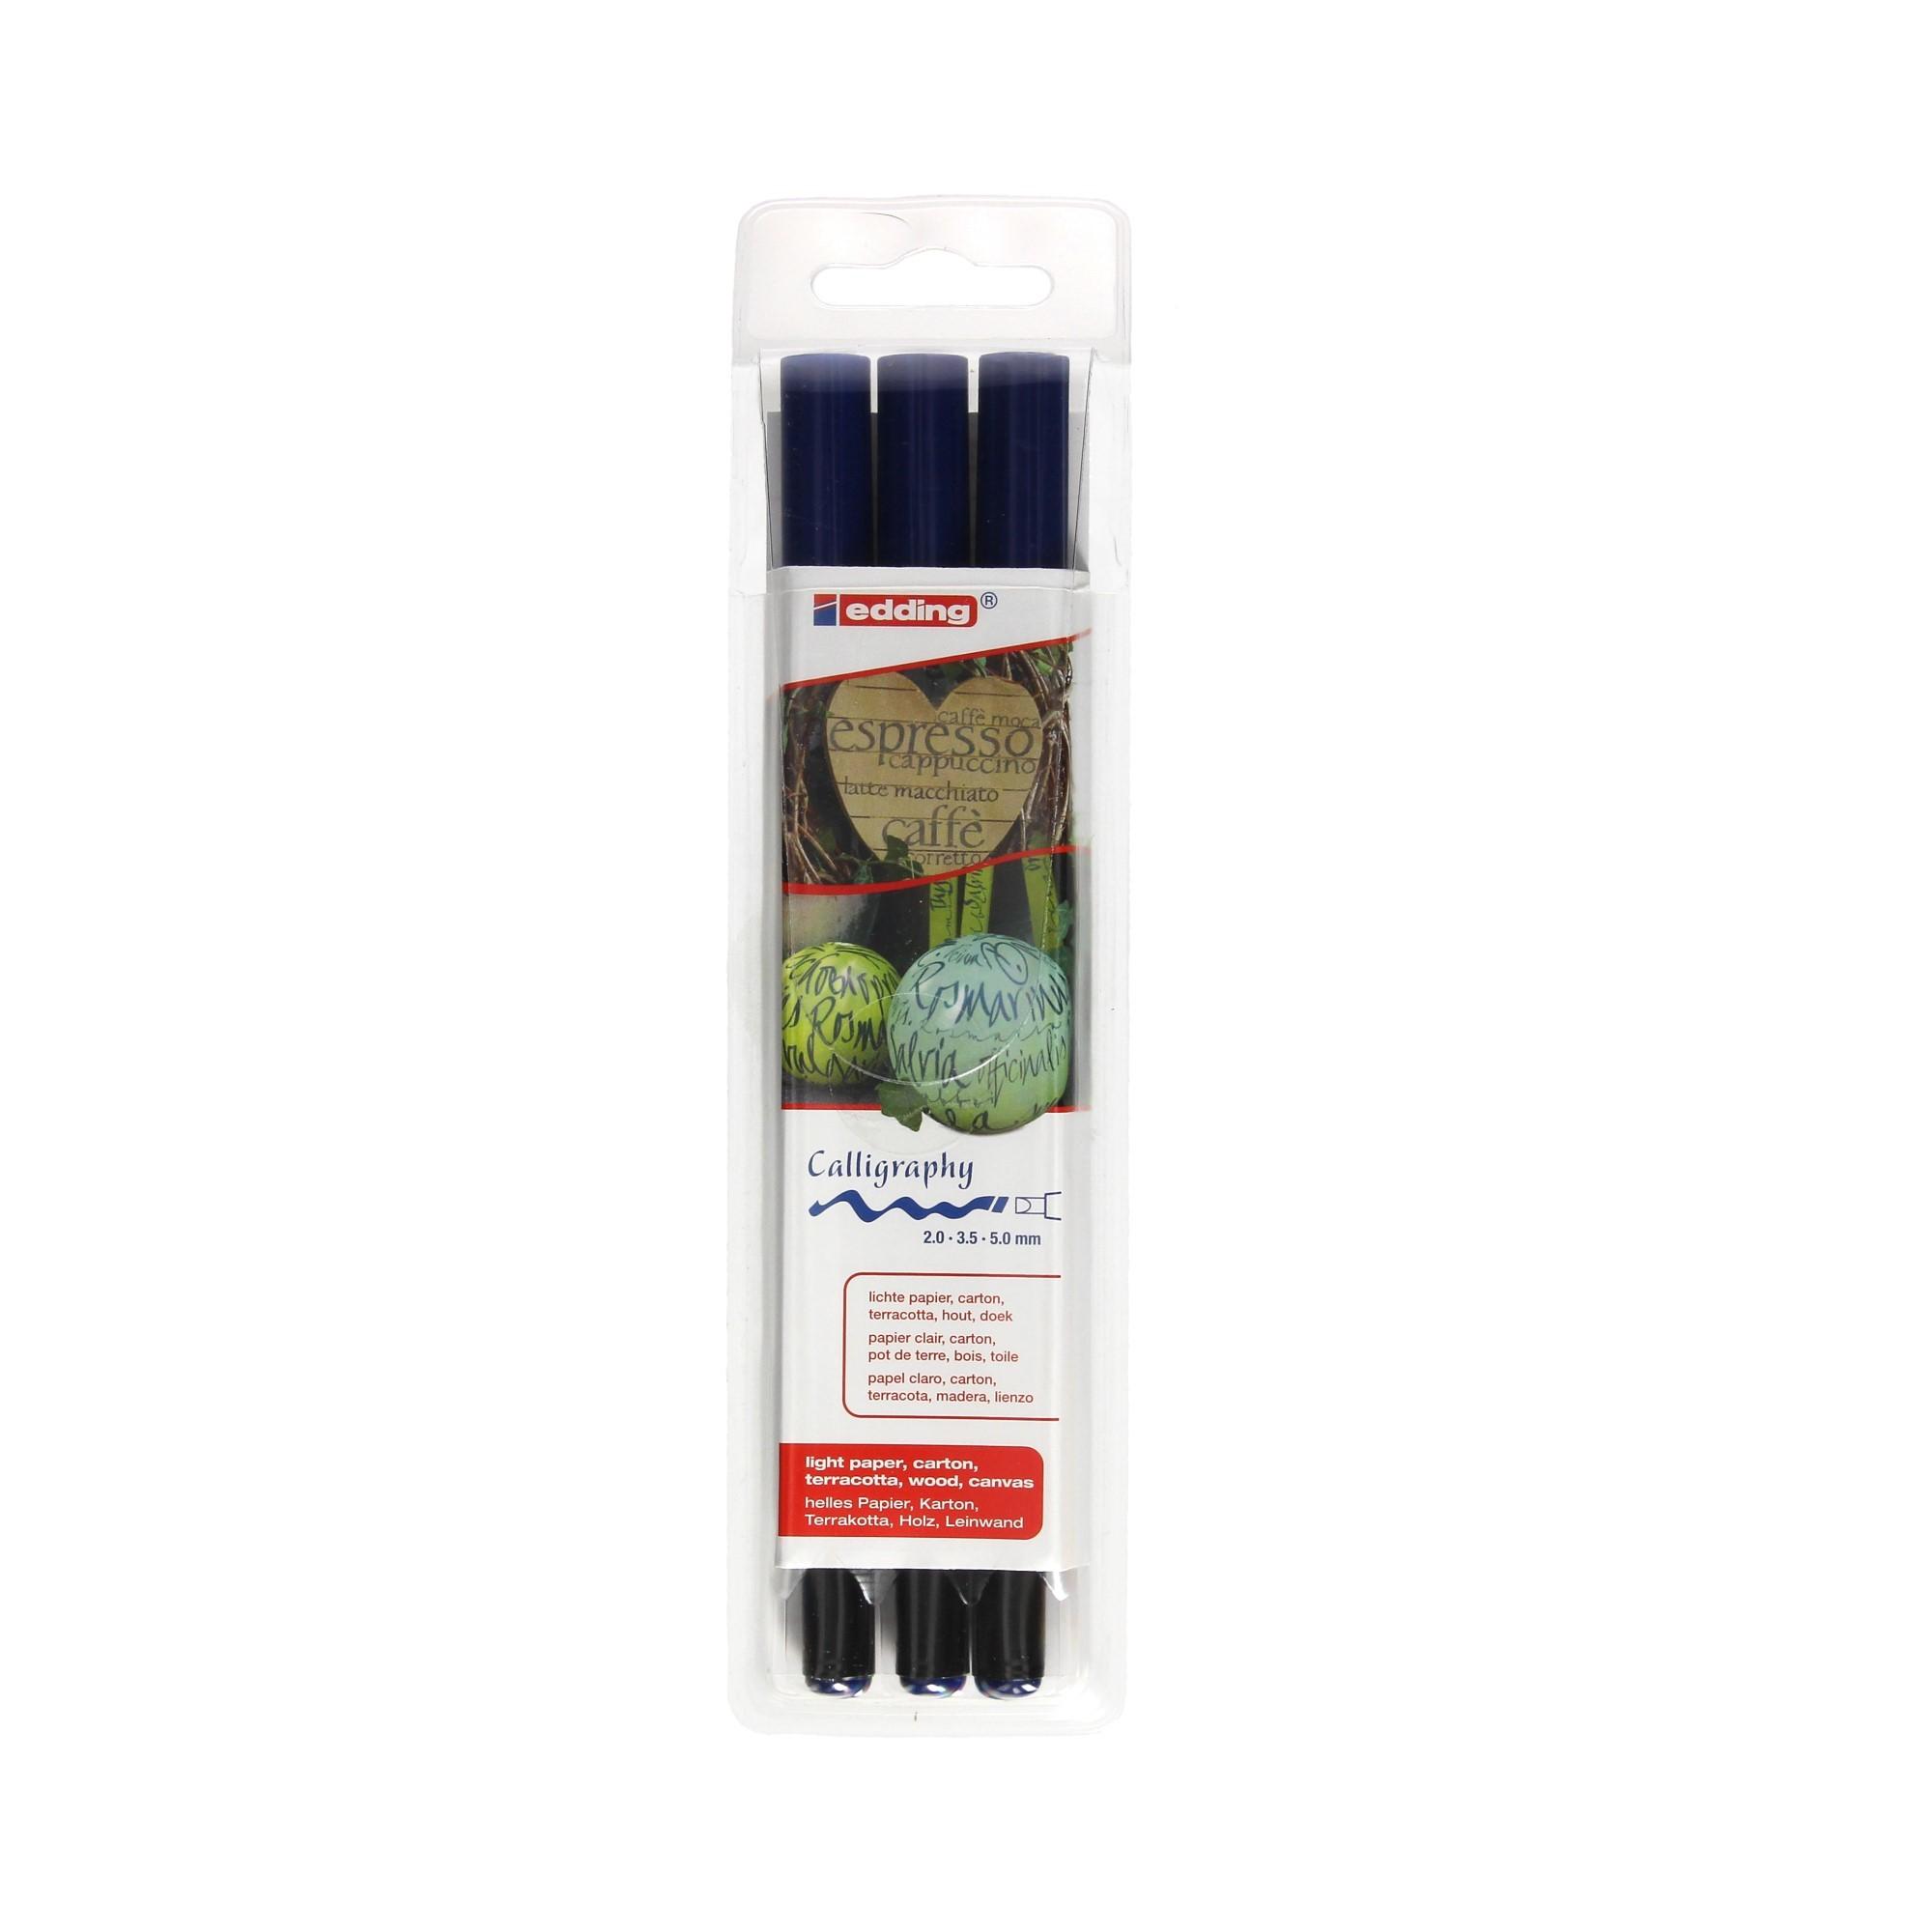 Pisaki do kaligrafii niebieskie 3 szt. - 2mm-3,5mm-5mm Edding 1255/3S